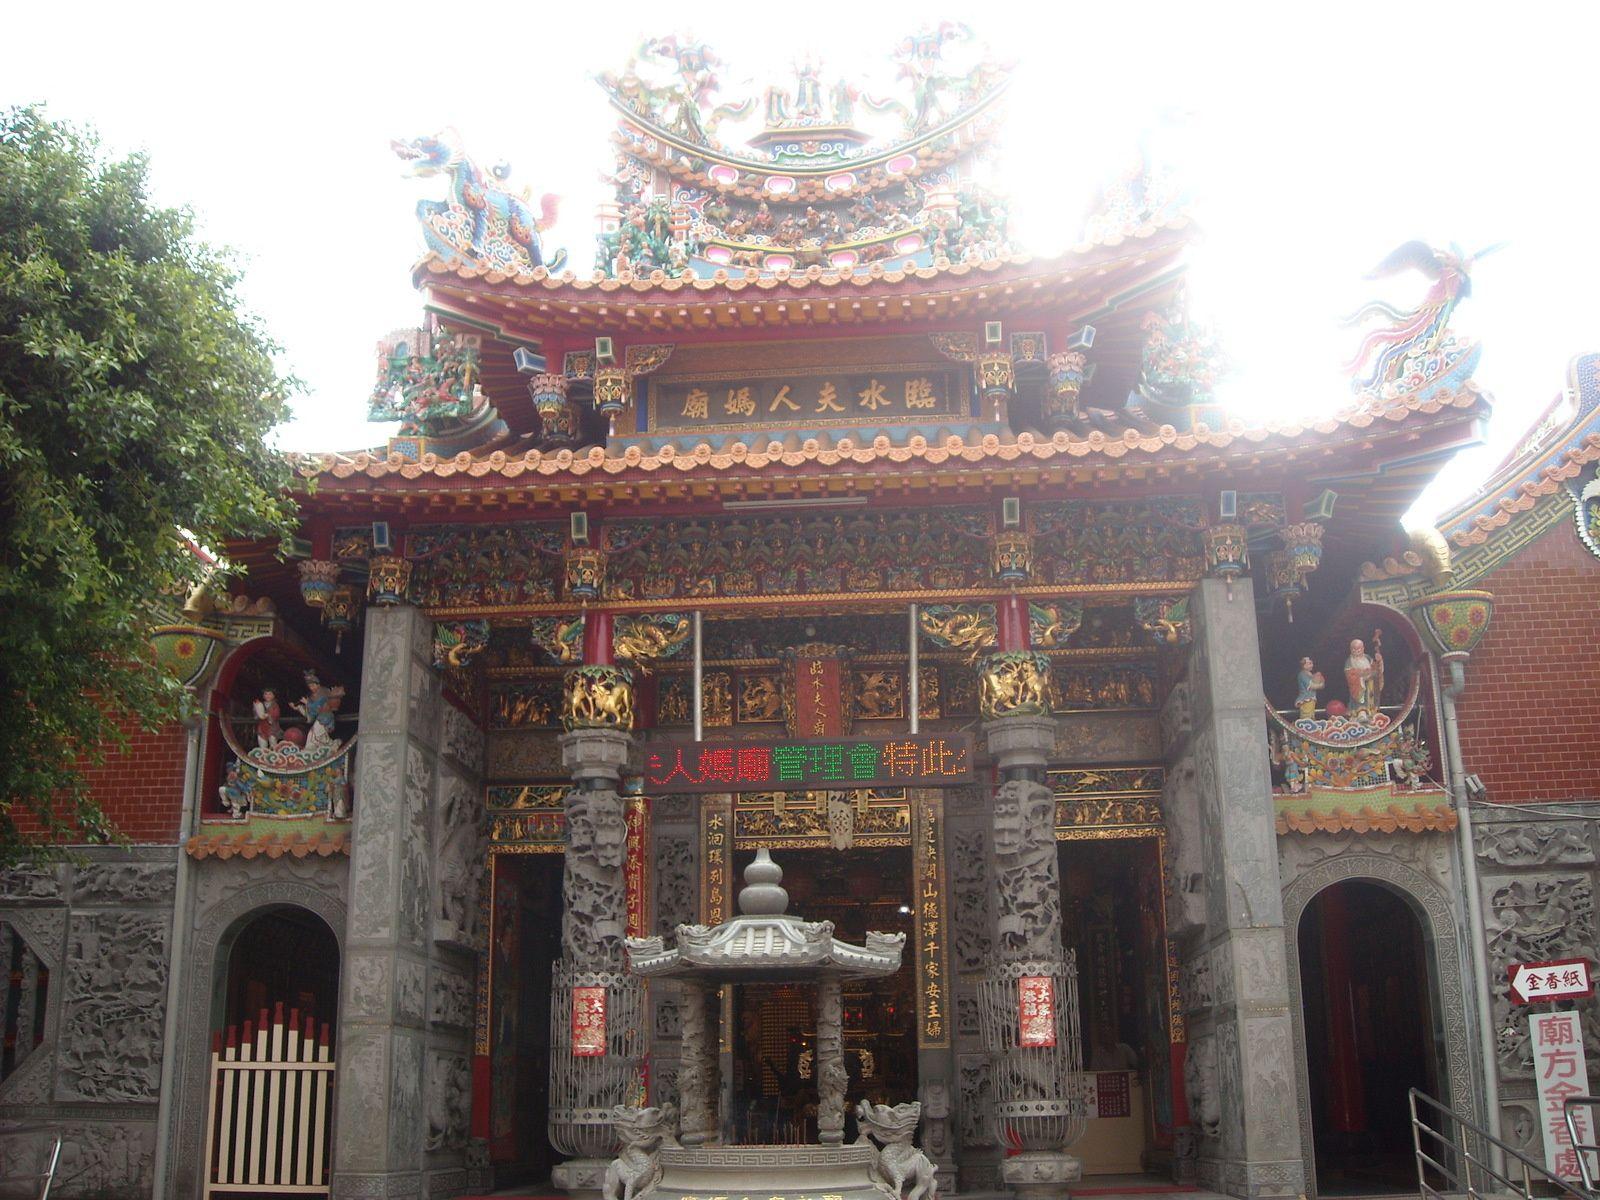 1. petite rue  2. a 4. fort provincia  5. a 7. Temple martial   8. vive les arcades!  9. a 11. le temple que j'ai pris pour le mausolee...  12. a 15. le mausolee   16. a 20. le taipei fu city god temple   21. autre petite rue